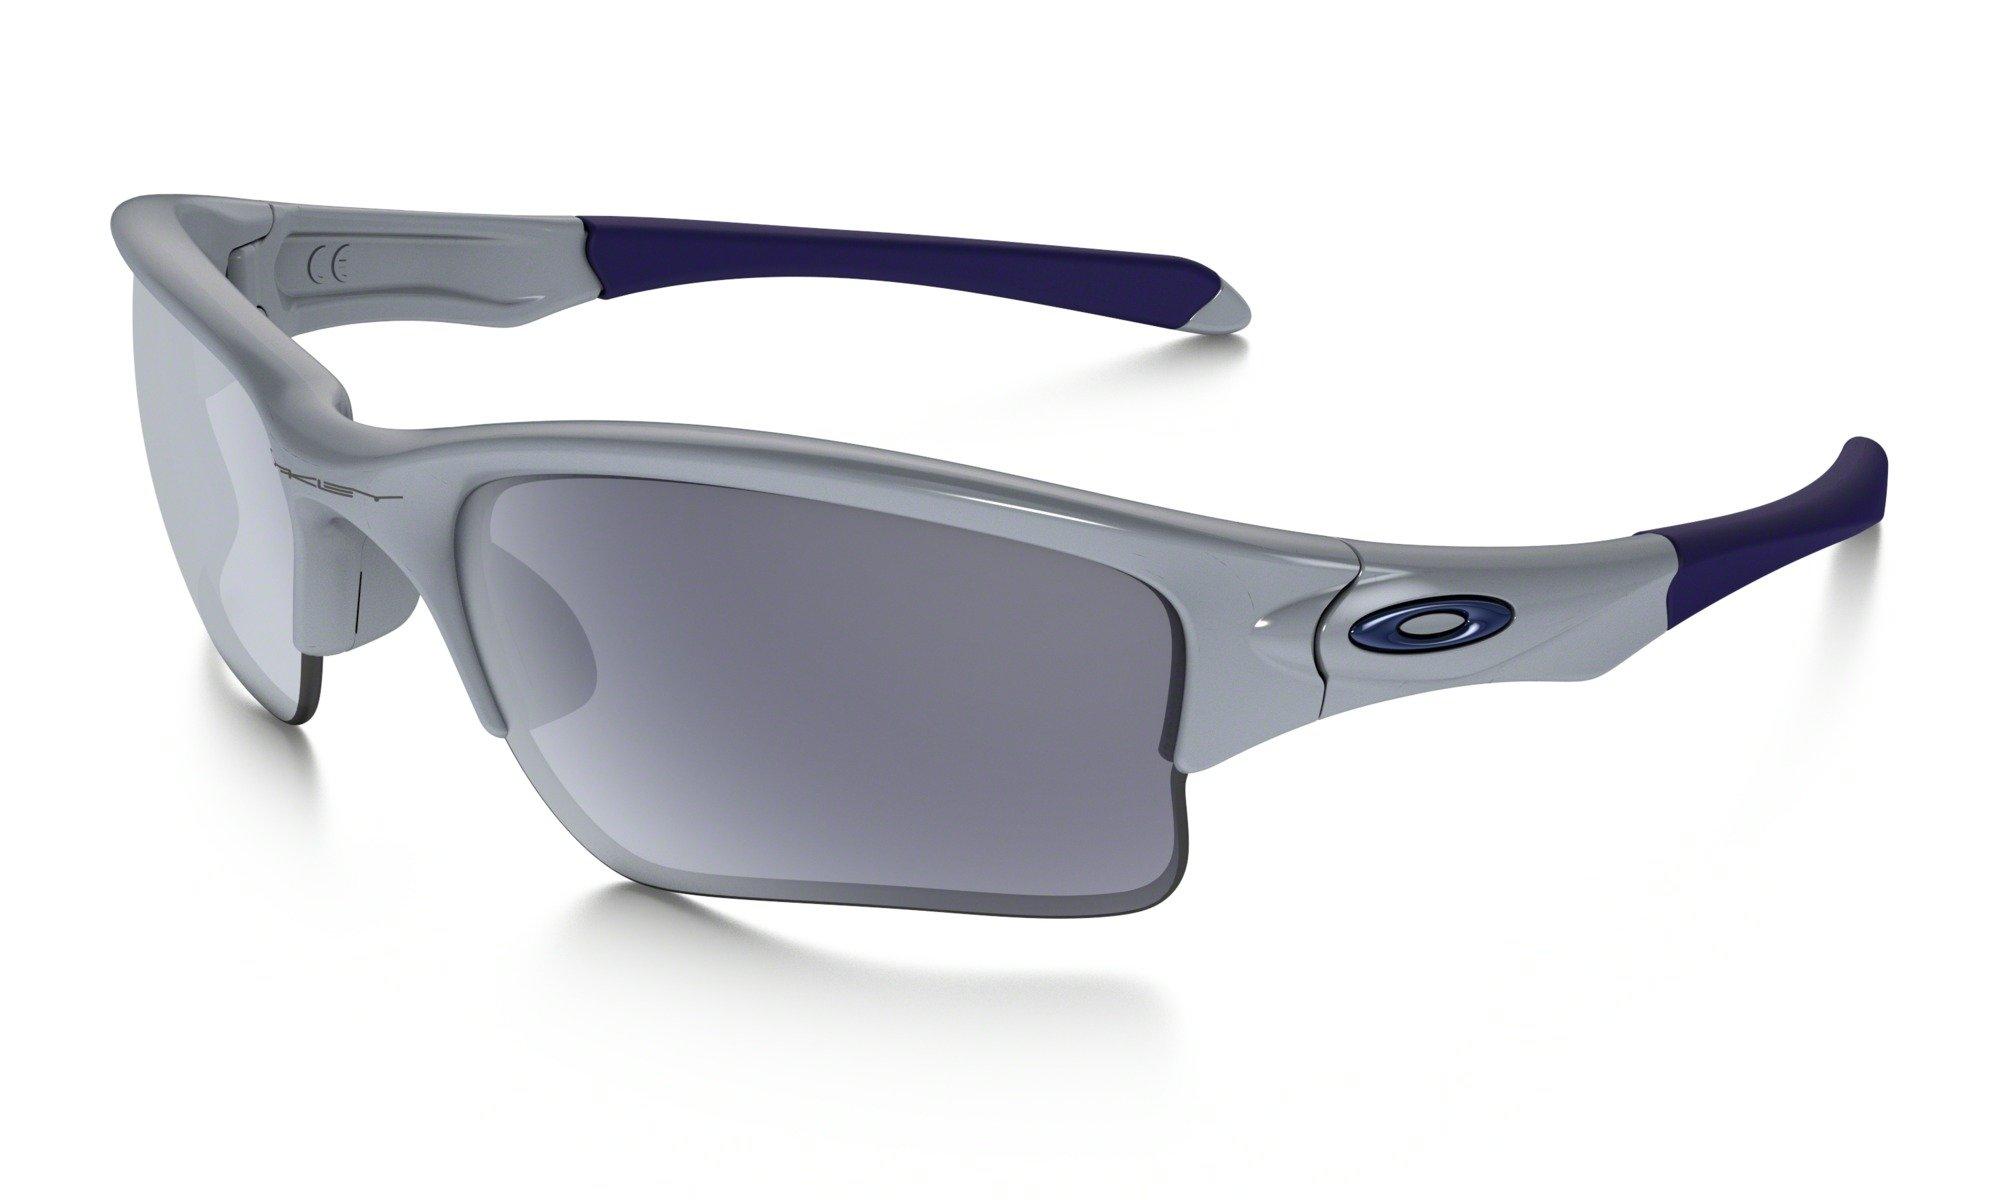 Sluneční brýle Oakley Quarter Jacket Polished Fog w/ Grey